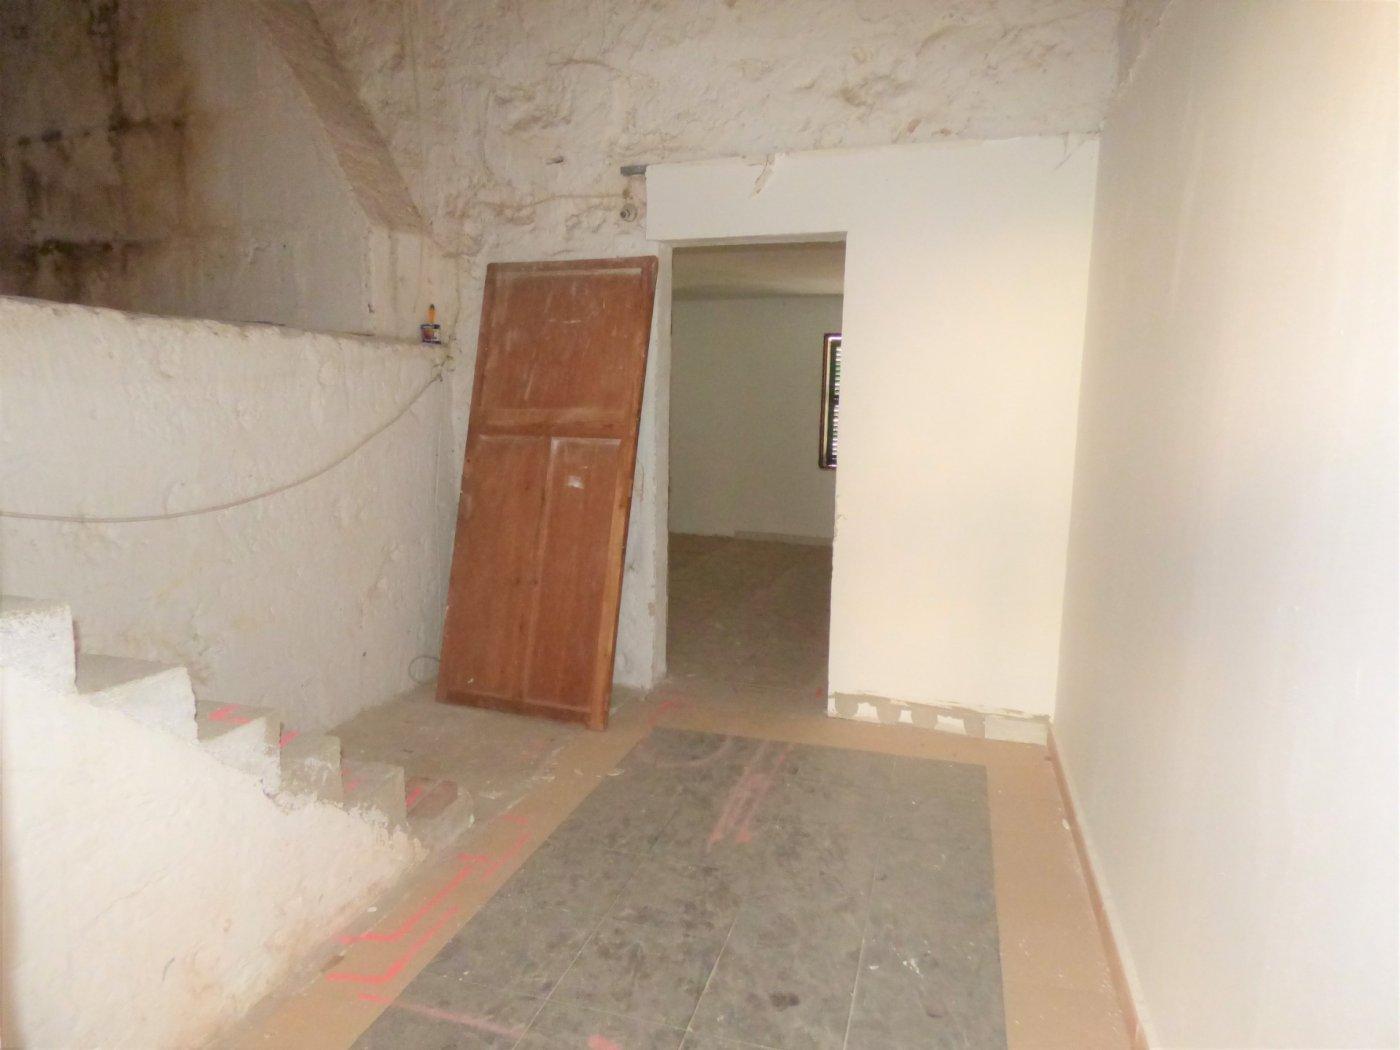 Planta baja a reformar con una altura y techo libre sa pobla pueblo - imagenInmueble35